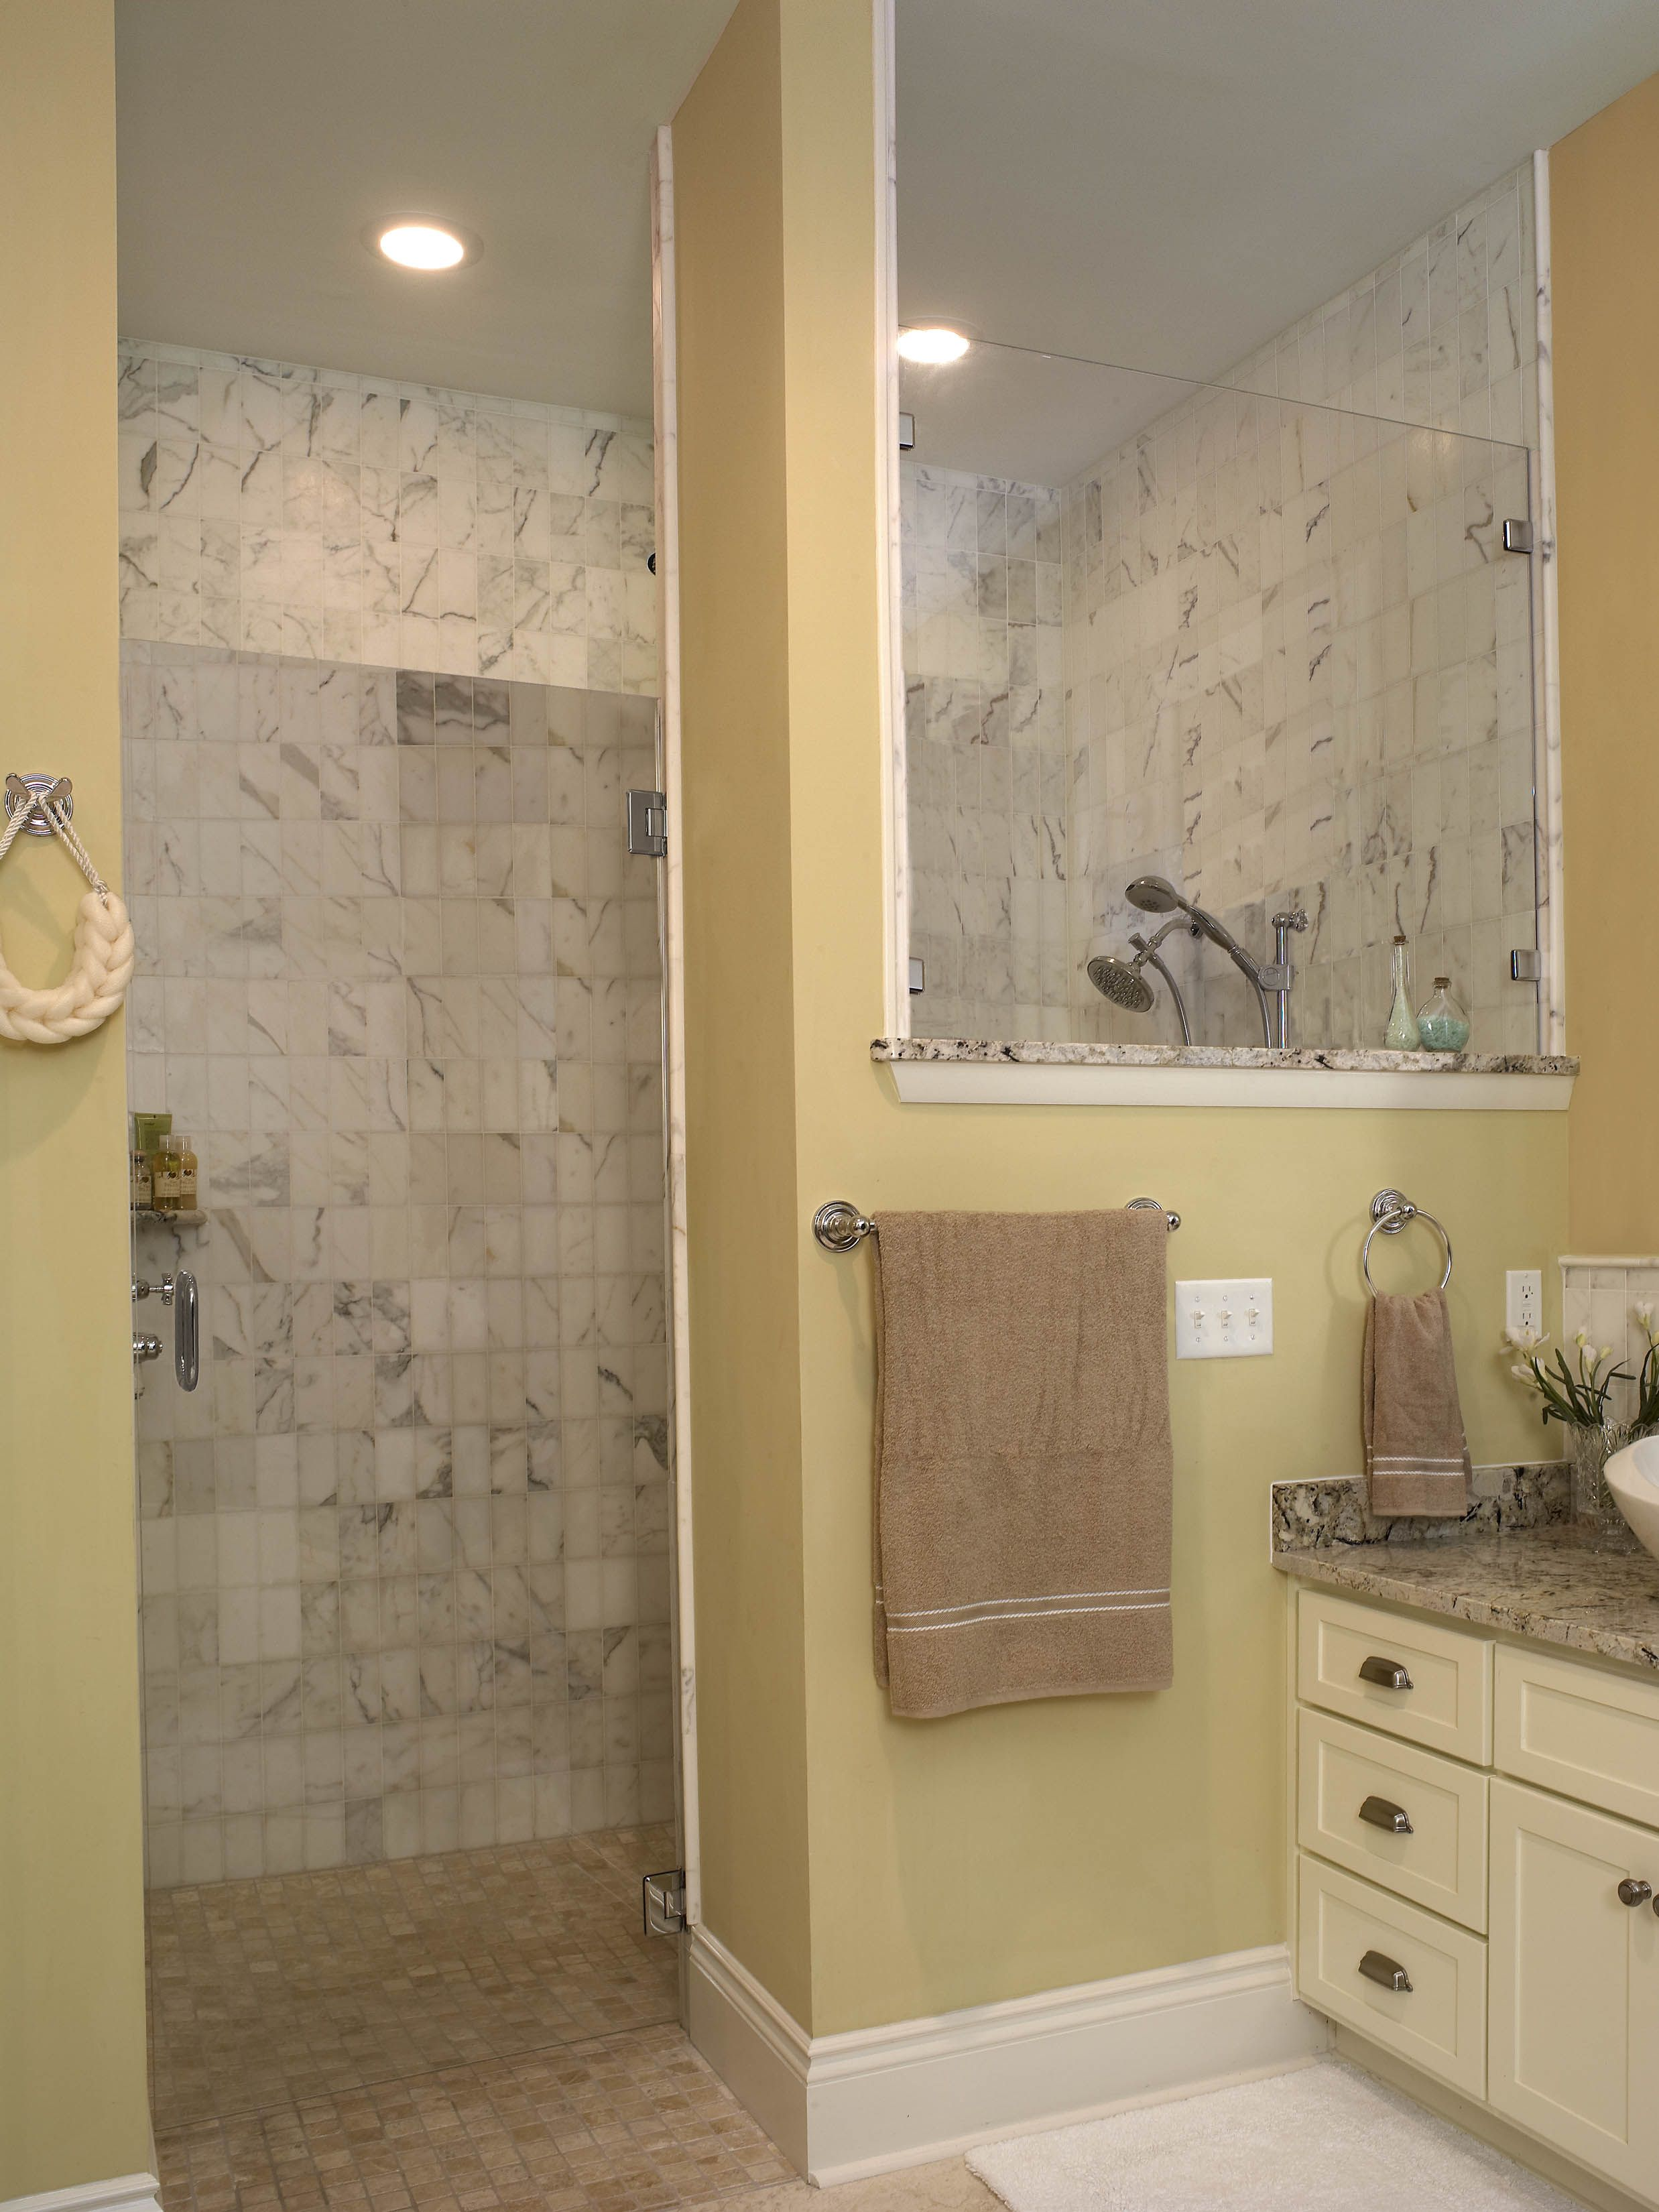 Best Walk In Shower Designs For Showers Tile Doorless Shower Designs Walk In Tiled Shower Designs Shower Remodel Doorless Shower Doorless Shower Design